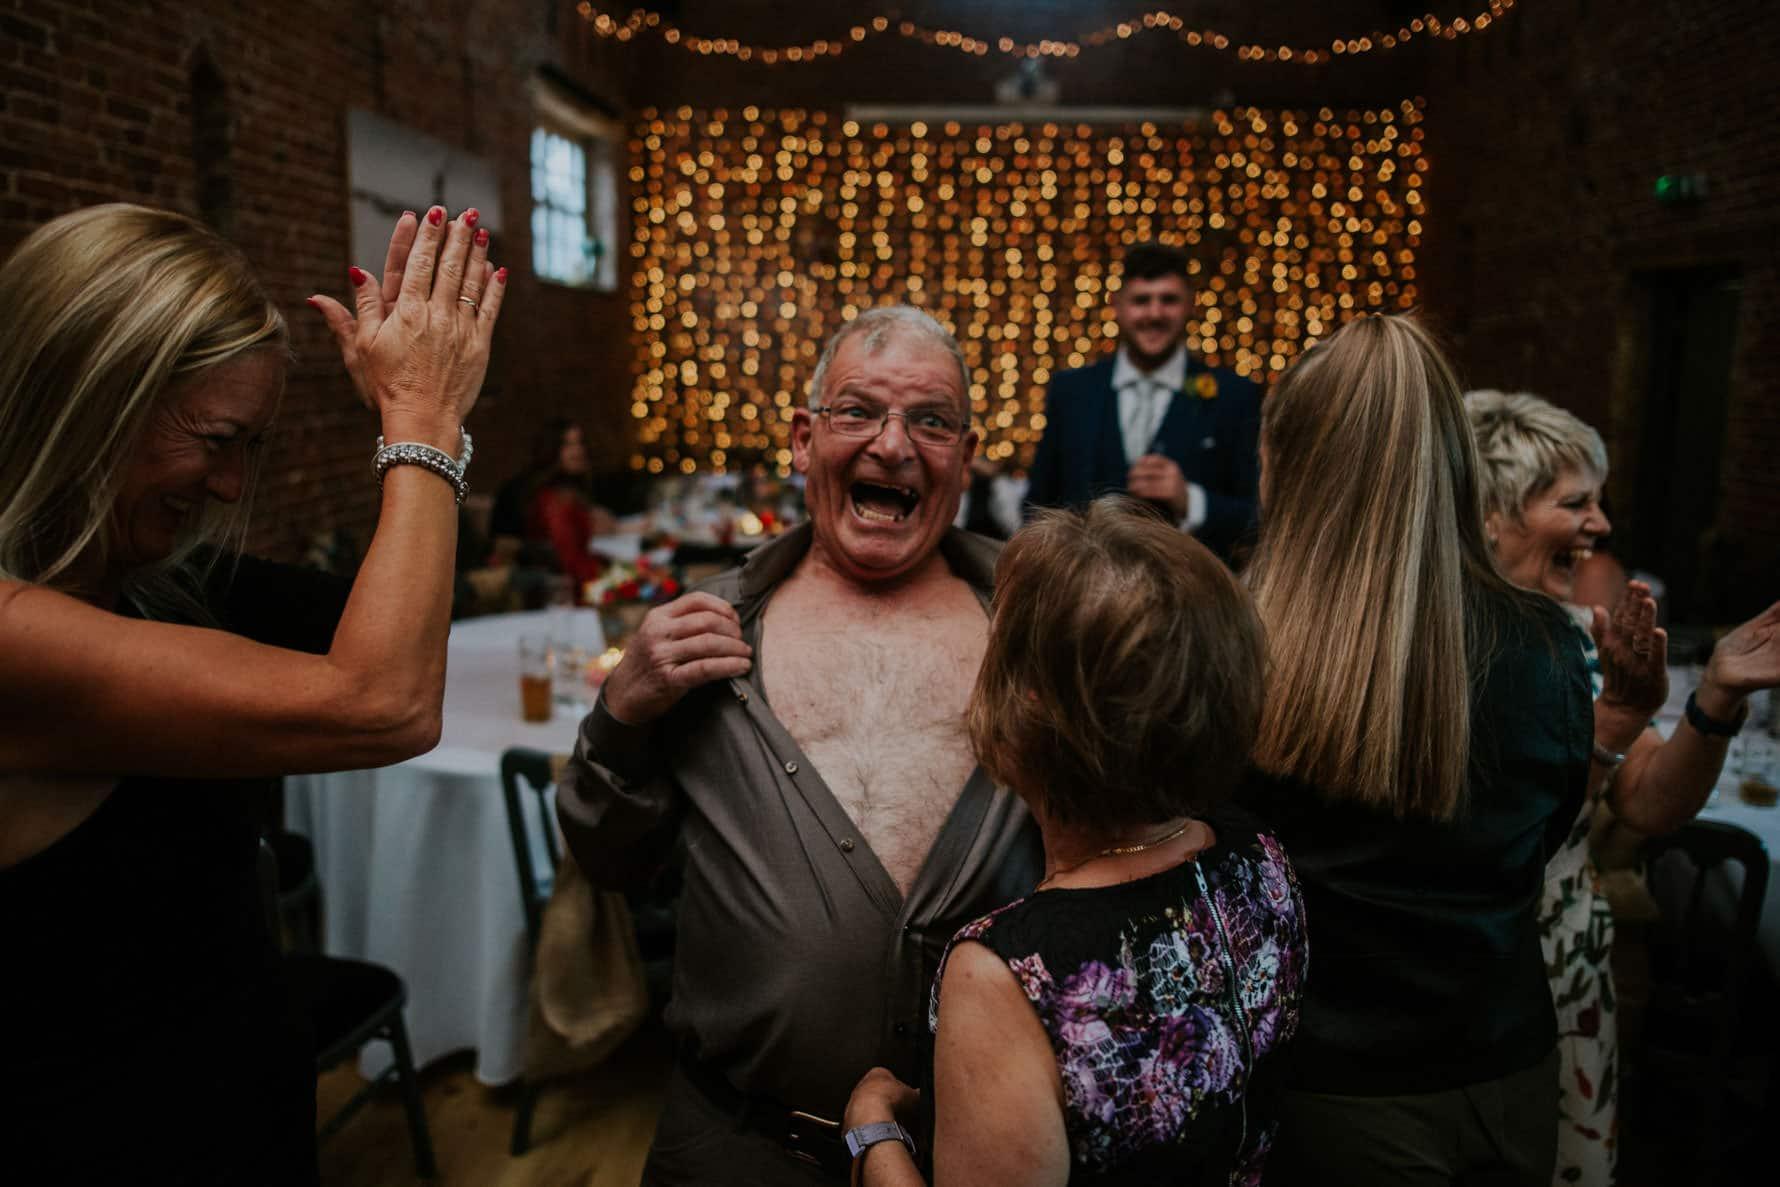 guest during an evening wedding reception